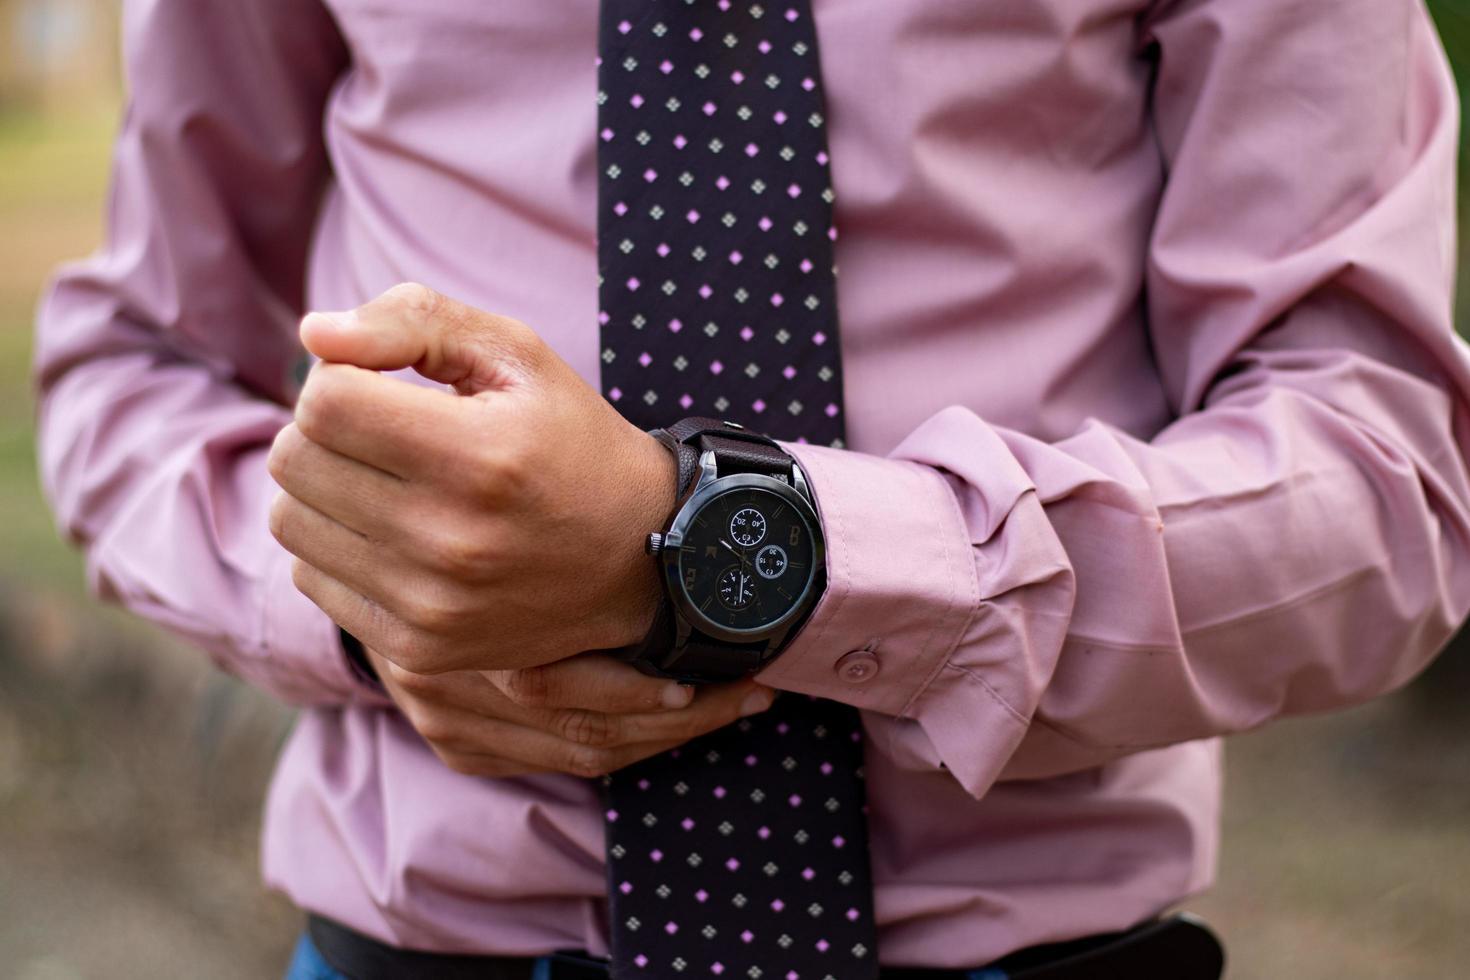 Uitenhage, Afrique du Sud, 2020 - homme portant une montre chronographe noire photo